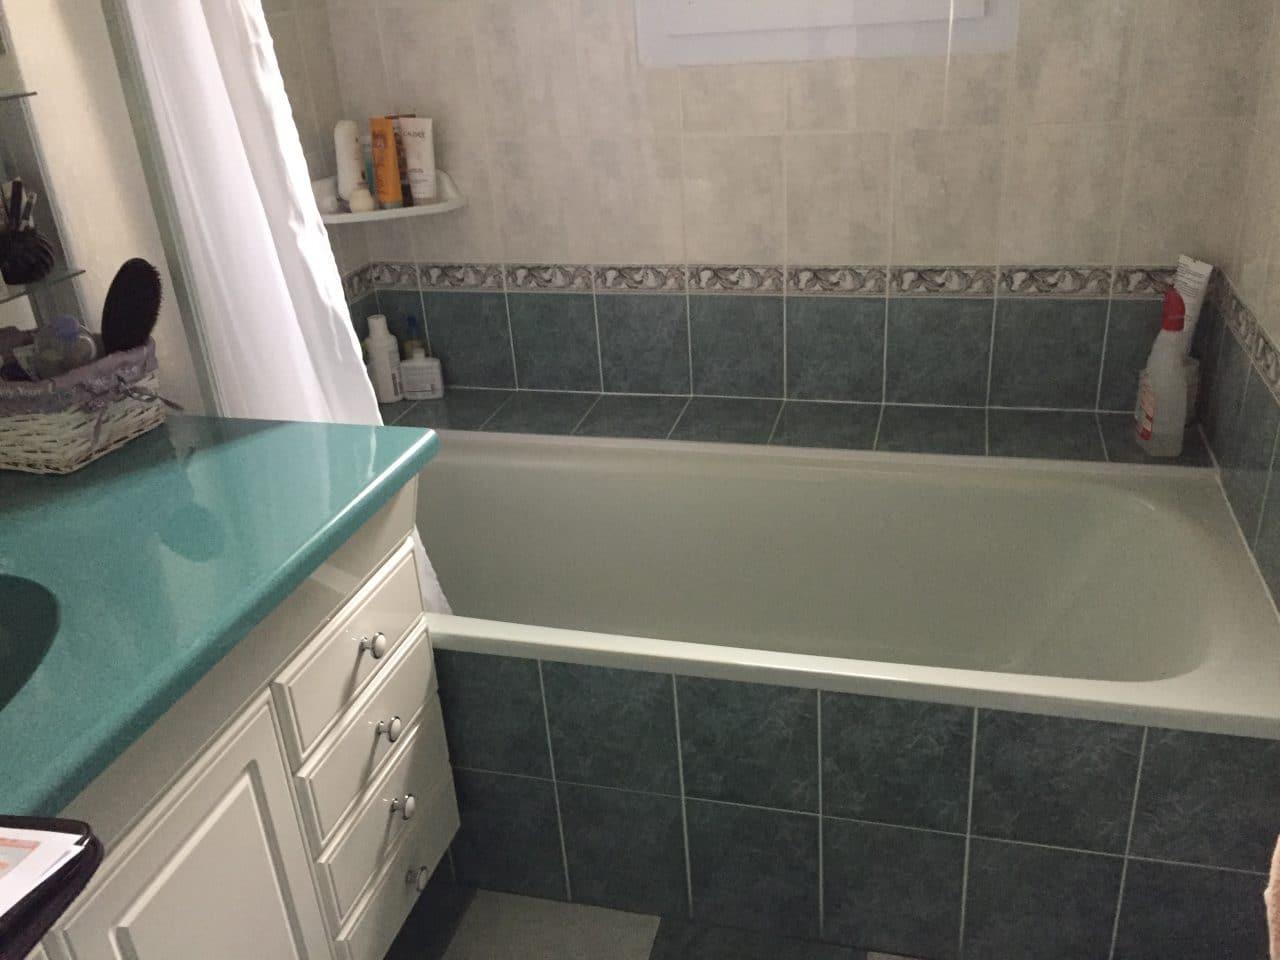 rénovation partielle d'une maison à Luynes - salle de bain avant travaux de rénovation